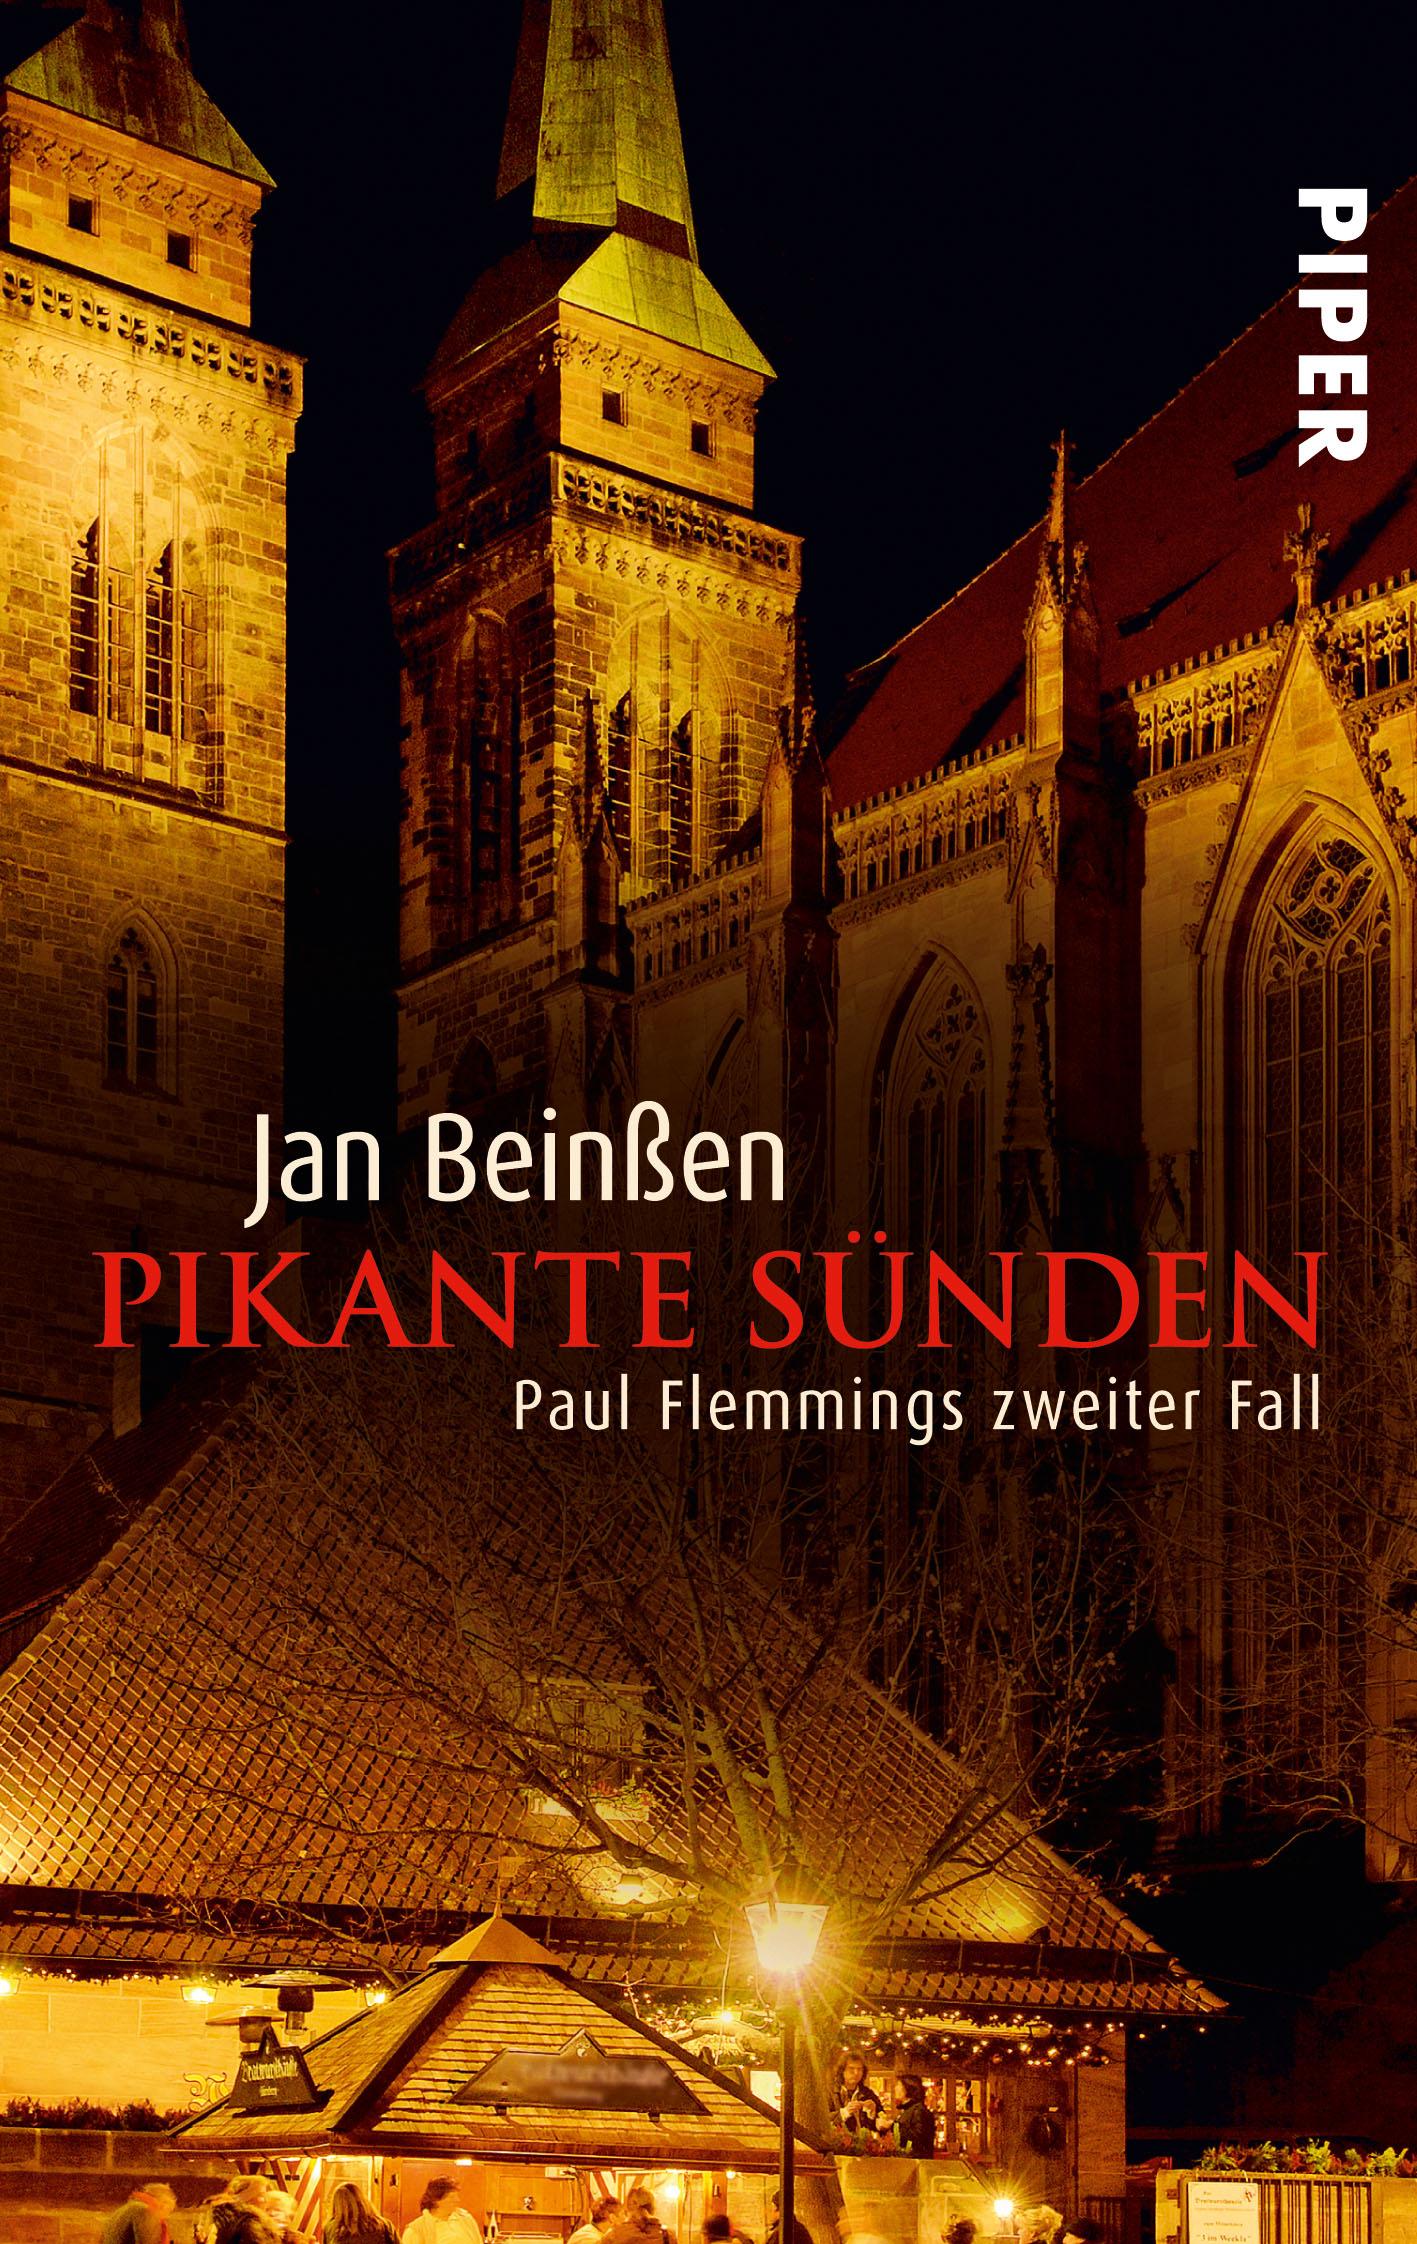 Pikante Sünden: Paul Flemmings zweiter Fall - Jan Beinßen